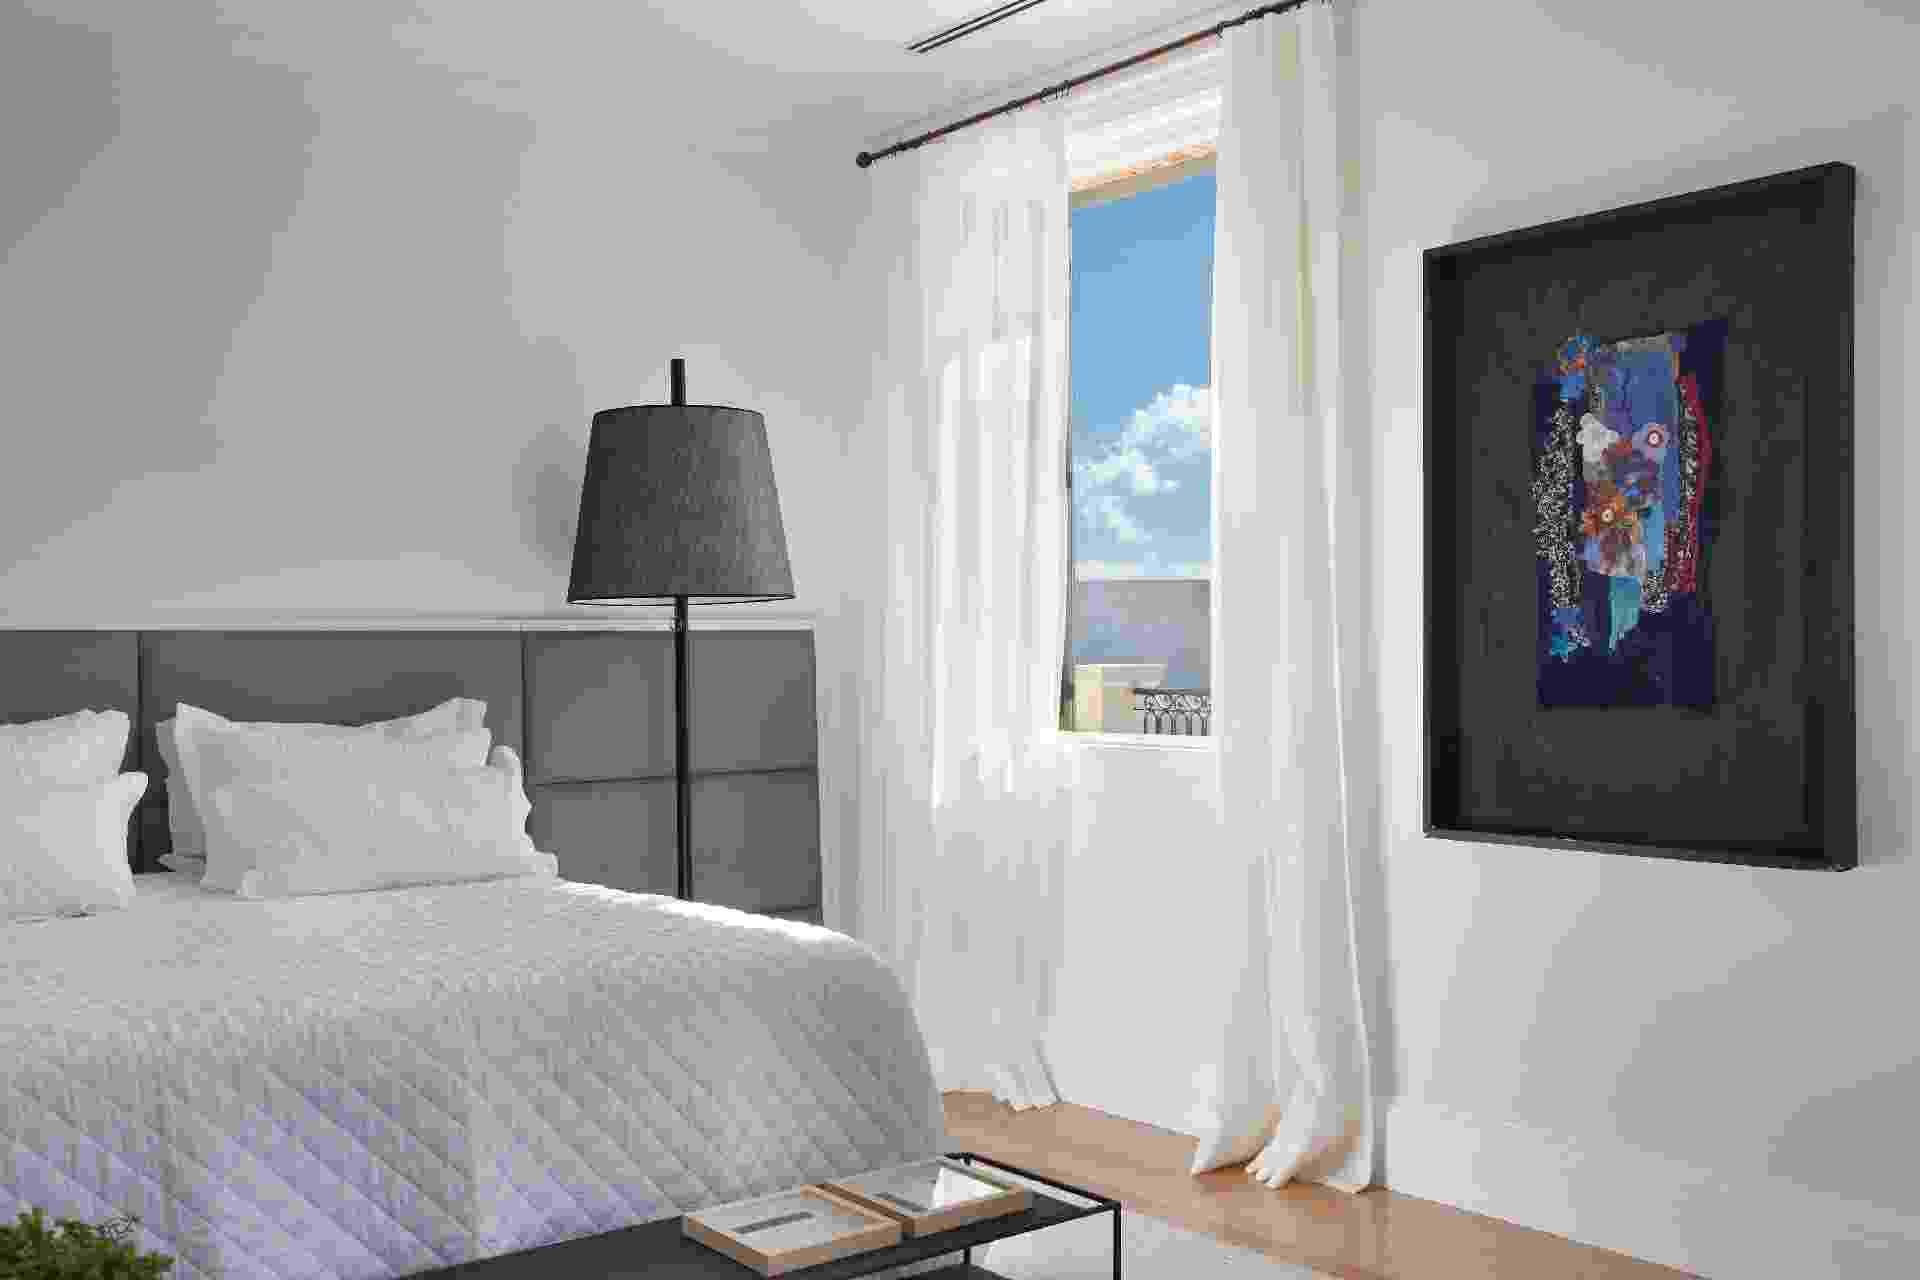 O branco e os tons de cinza predominam na composição da suíte principal. A obra de arte na parede pertence à família proprietária da casa de campo em Bragança Paulista (SP). A decoração é um projeto do arquiteto Otto Felix - undefined